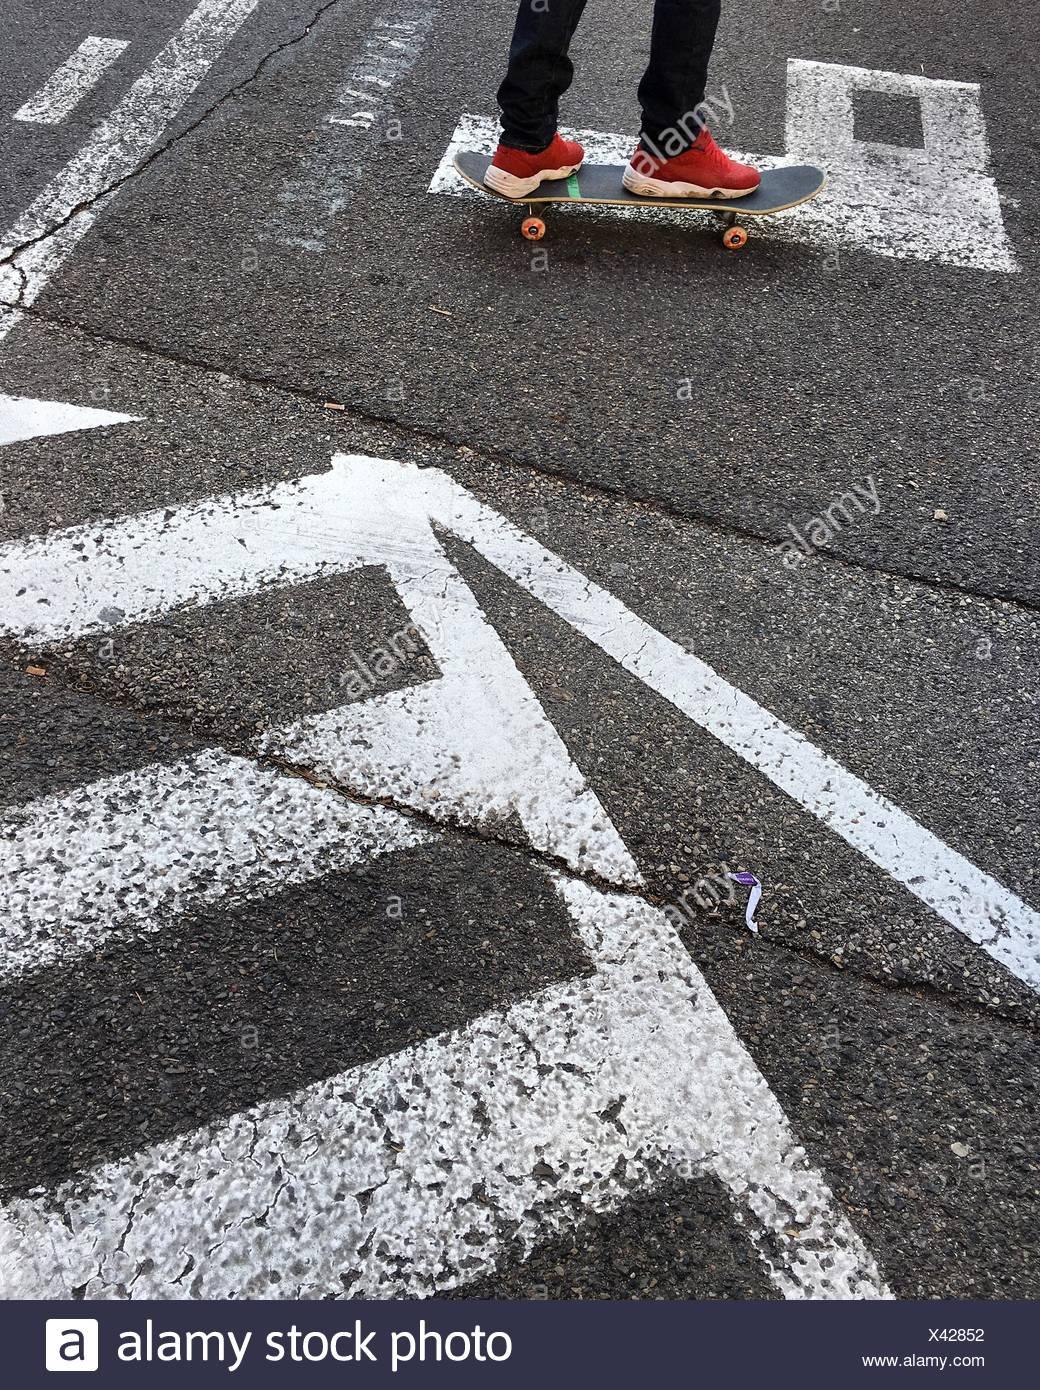 Bajo la sección del hombre Skateboarding en la carretera Imagen De Stock